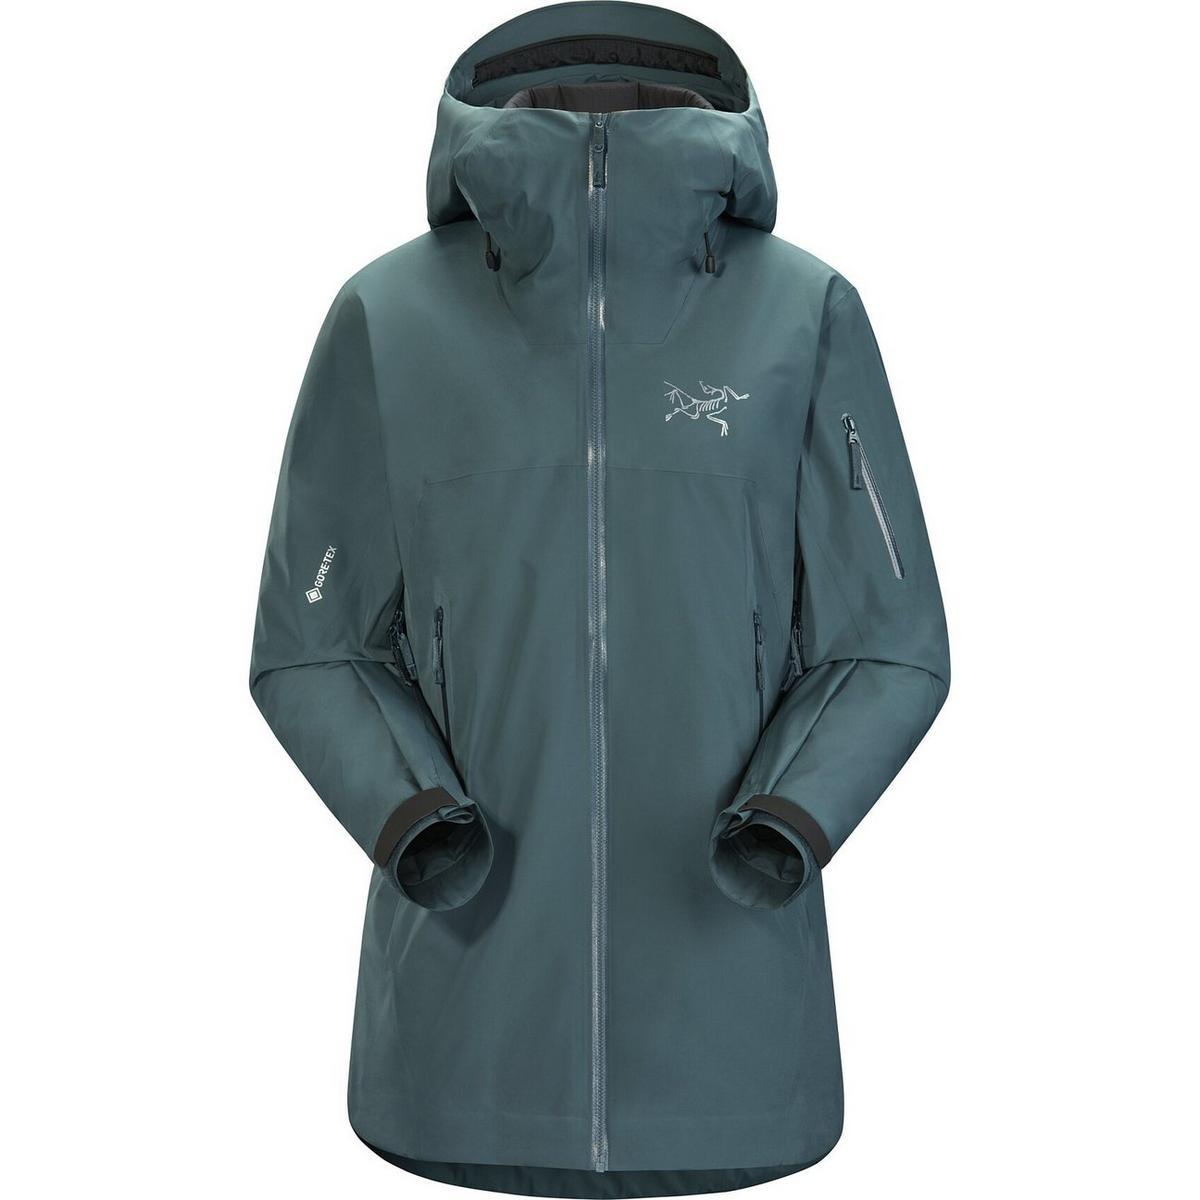 Arcteryx Shashka Insulated Jacket - Paradox